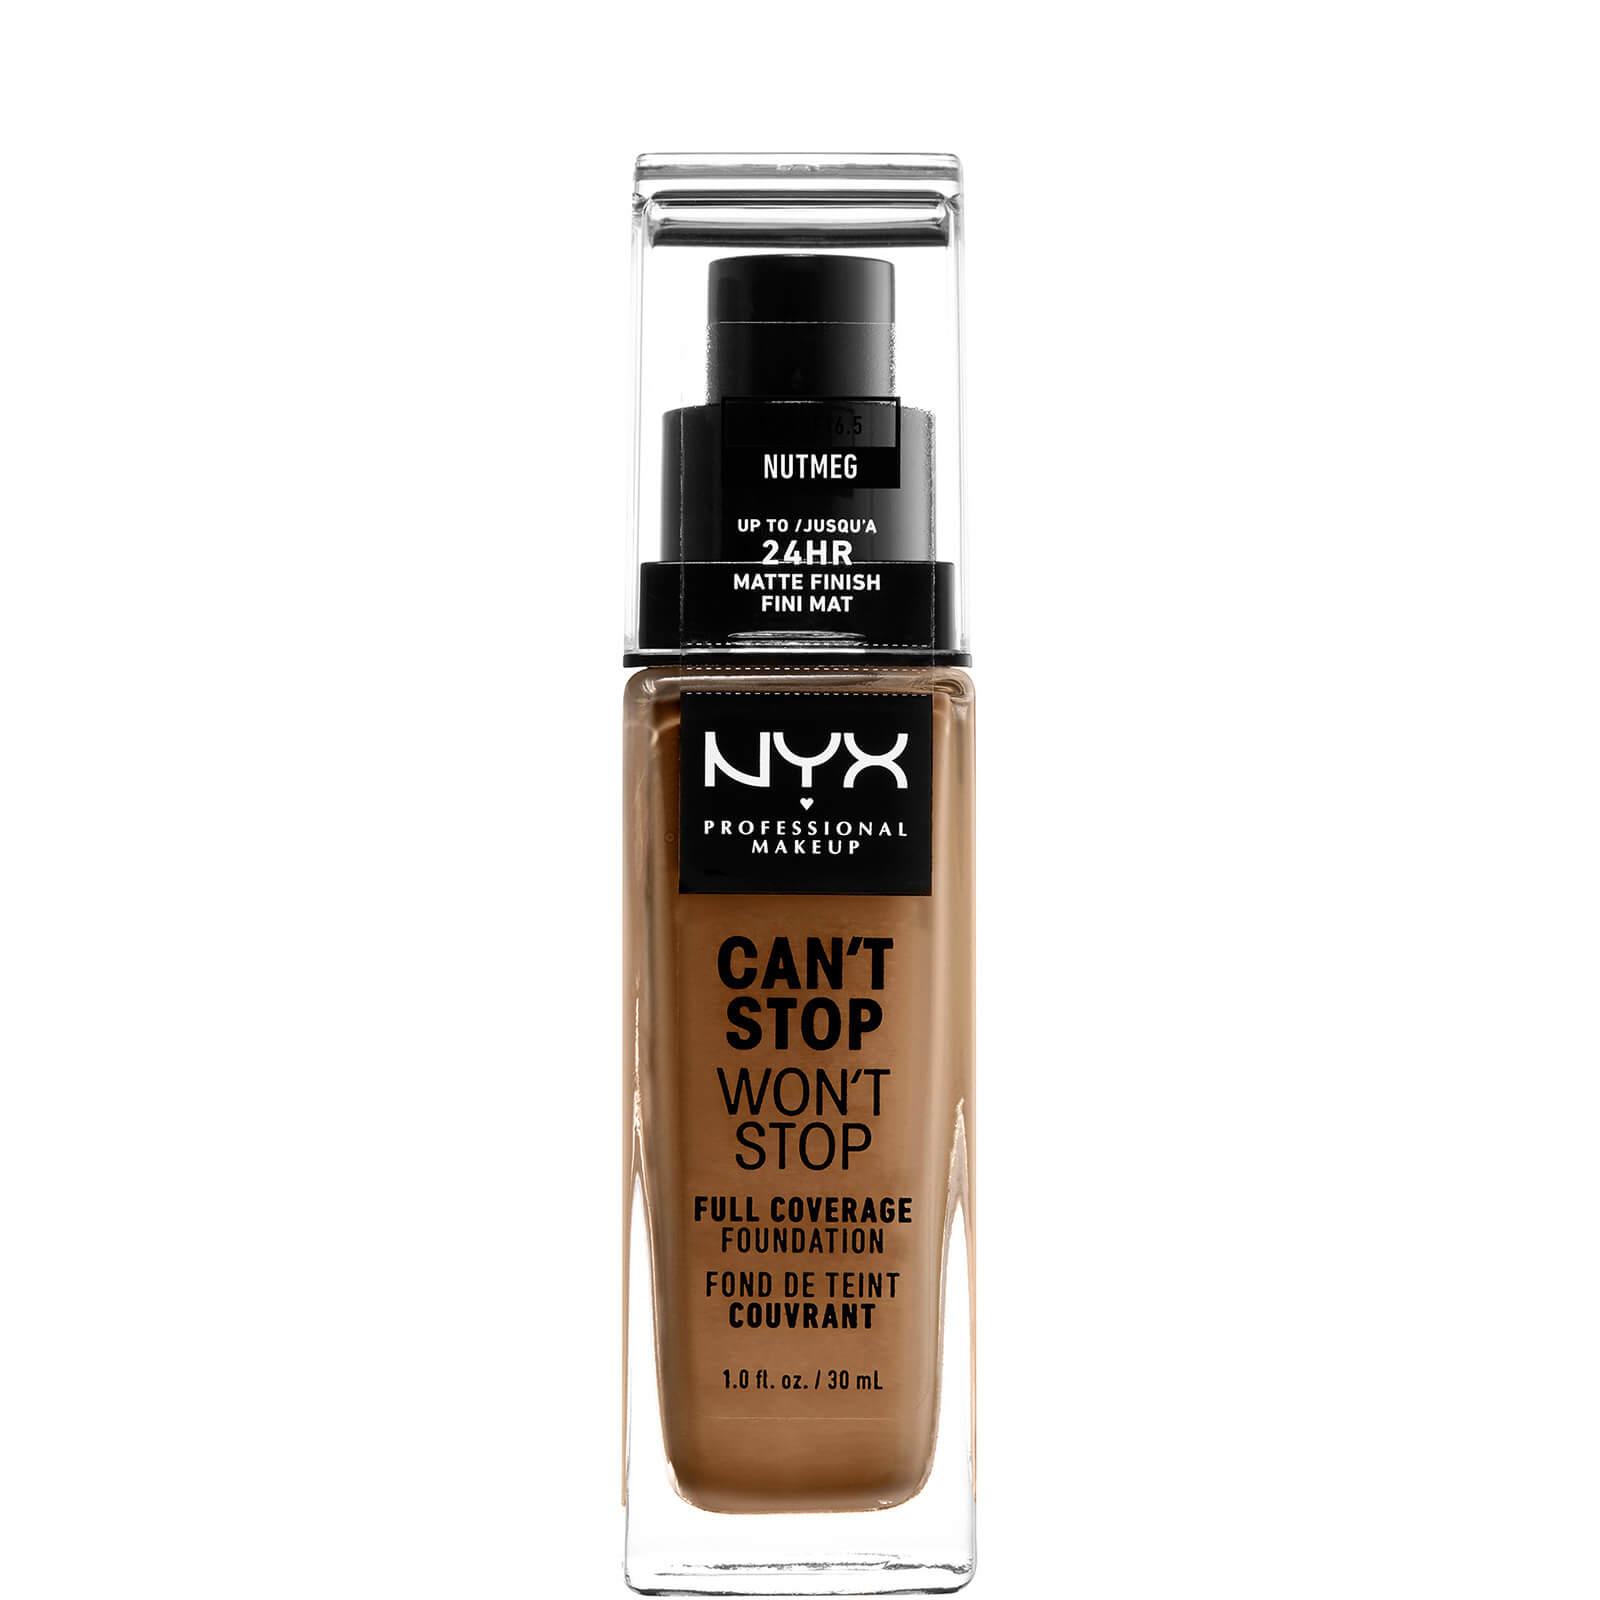 Купить Тональная основа NYX Professional Makeup Can't Stop Won't Stop 24 Hour Foundation (различные оттенки) - Nutmeg